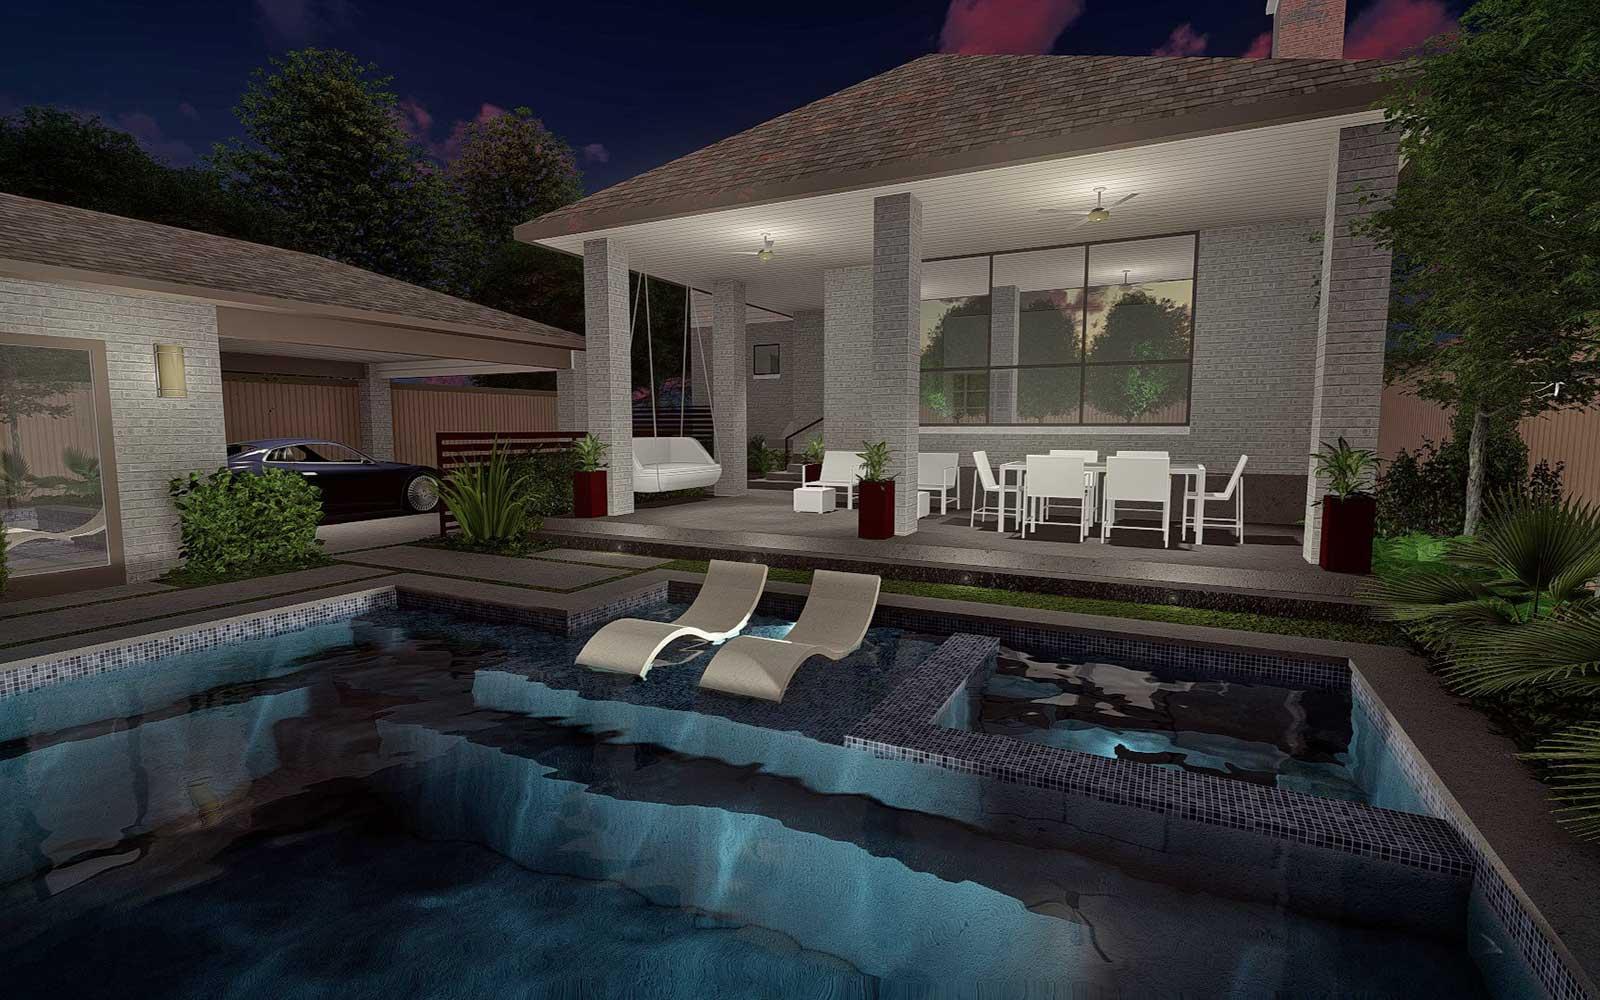 mccommas-modern-pool-design-02.jpg